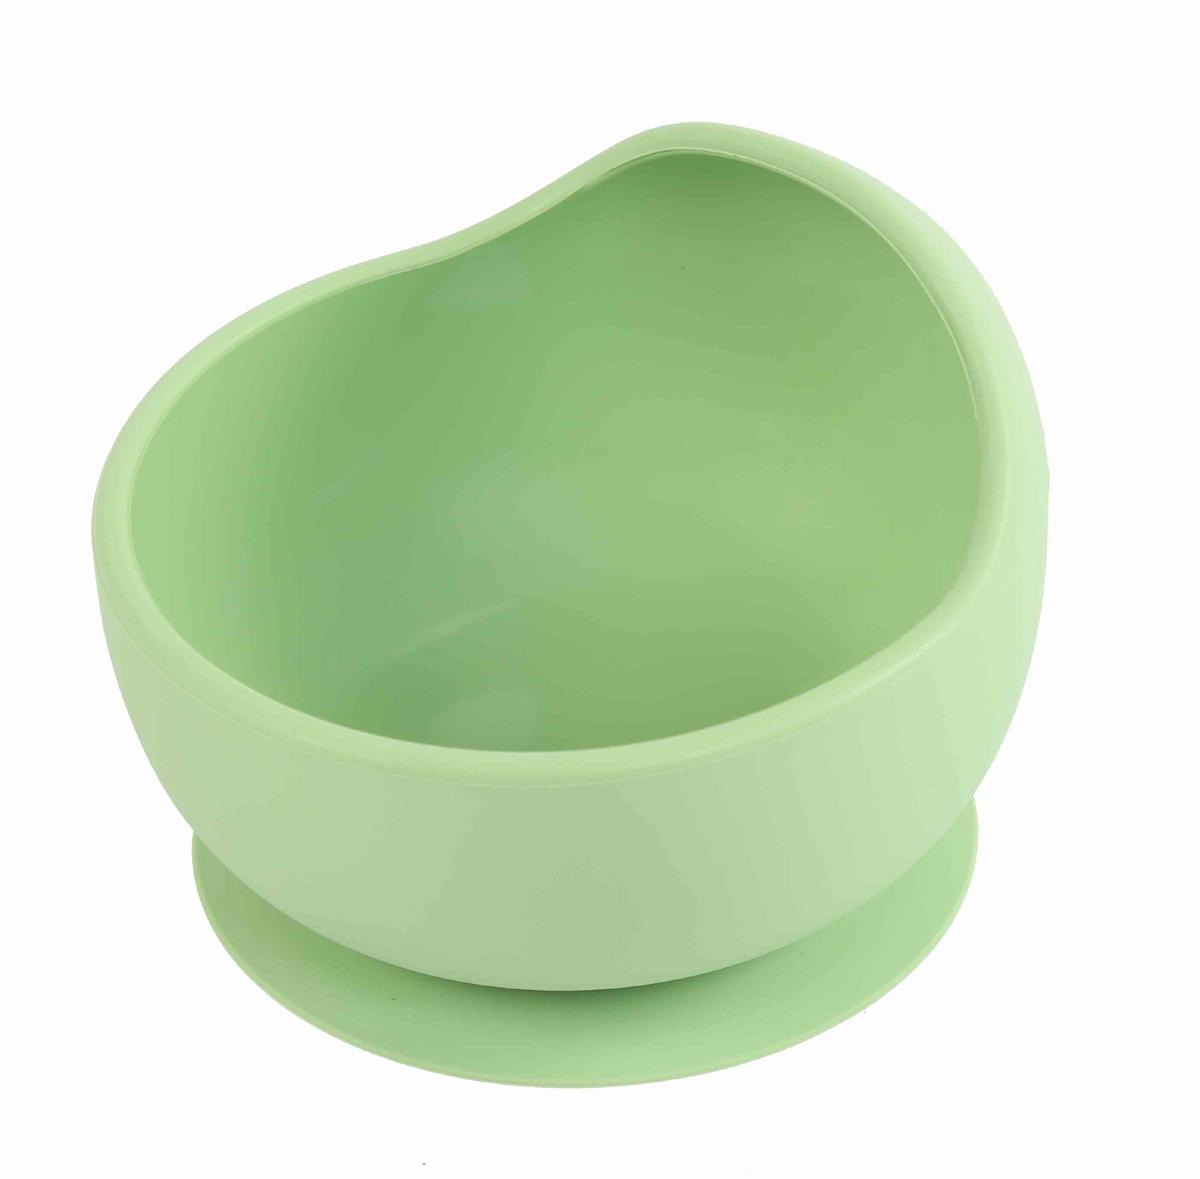 Matset baby skål av livsmedelsgodkänd silikon grön